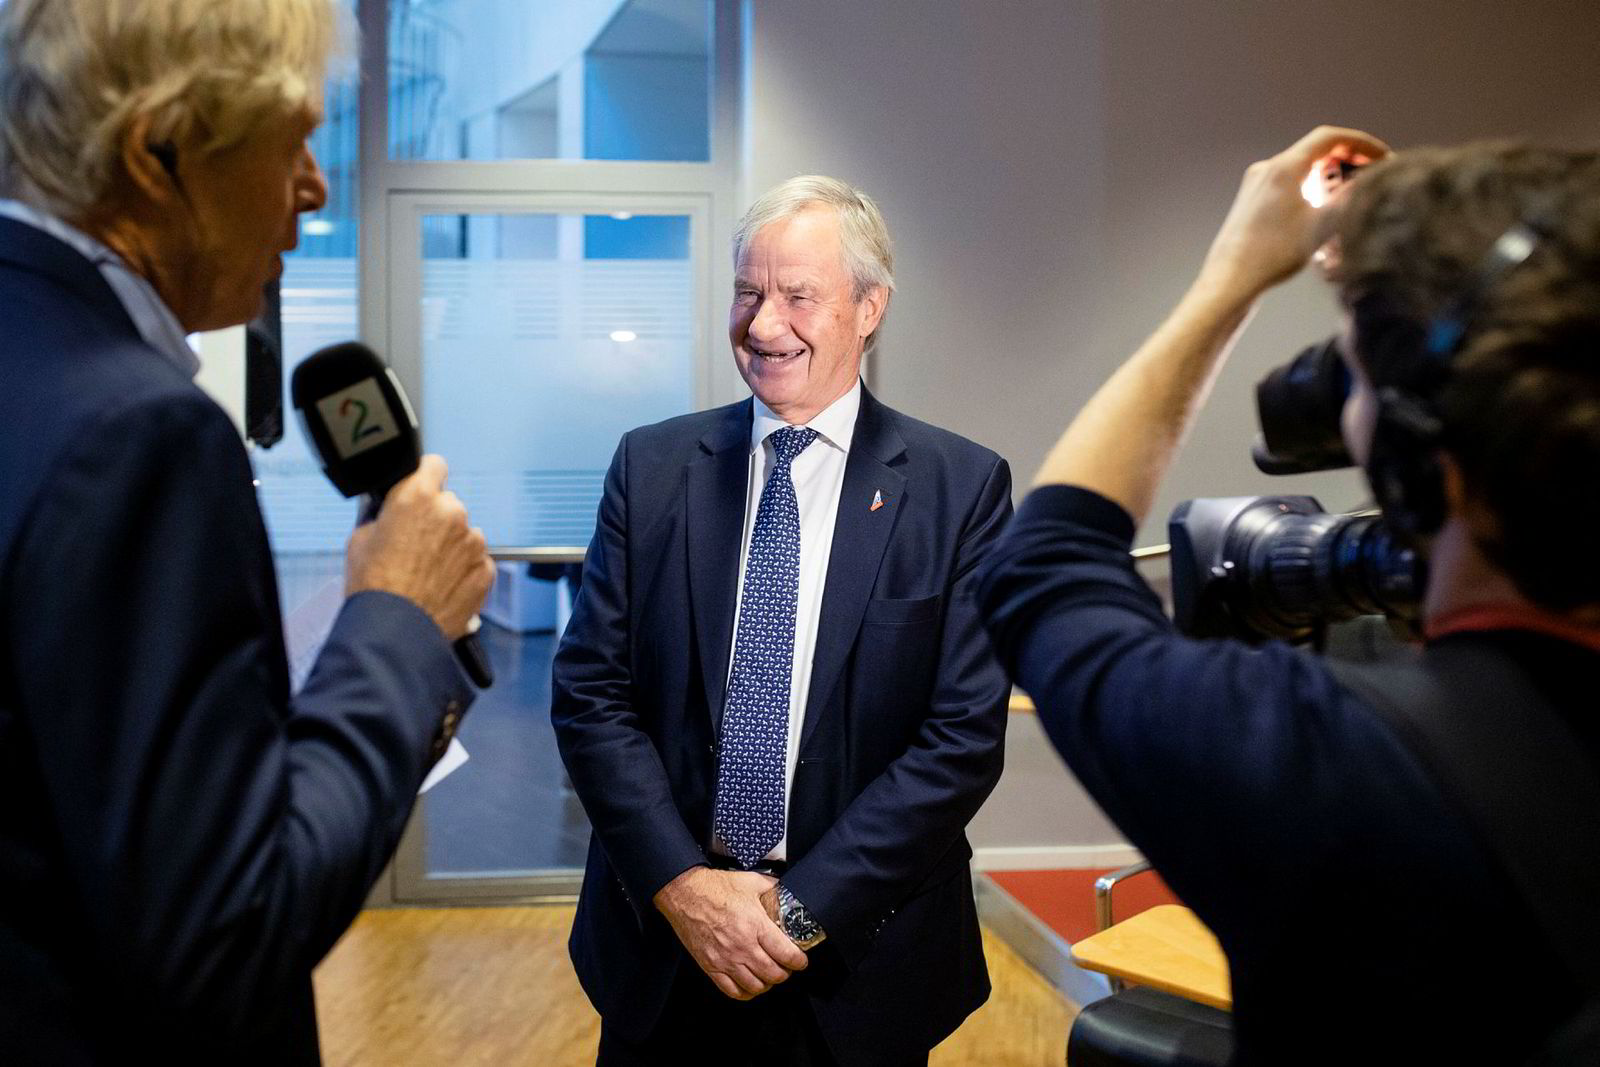 Norwegian-sjef Bjørn Kjos får endelig drahjelp av å kjøpe drivstoff uten å låse fast prisen på det meste.